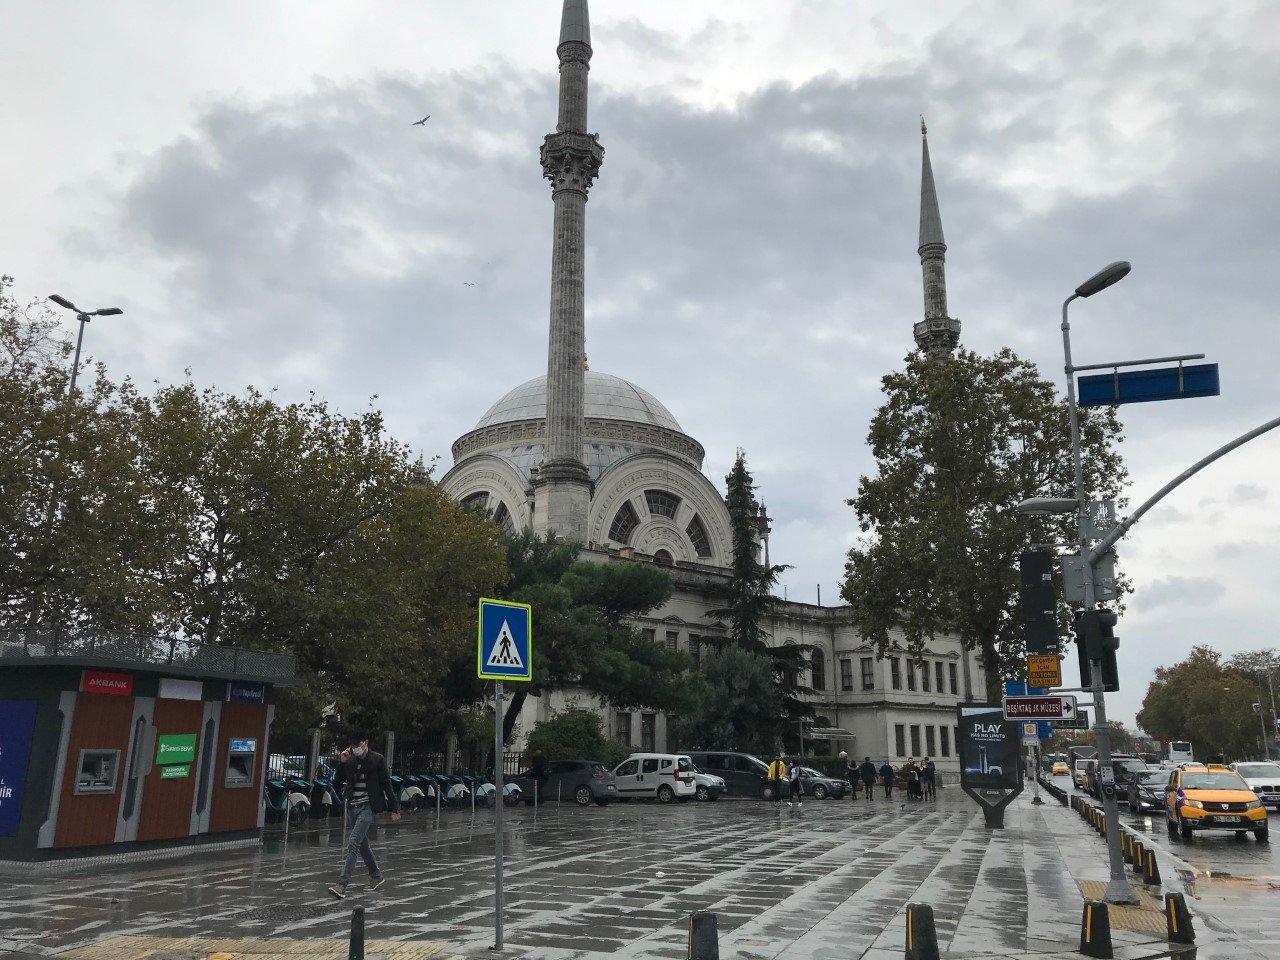 İstanbul boğazının eşsiz mimariye sahip camileri